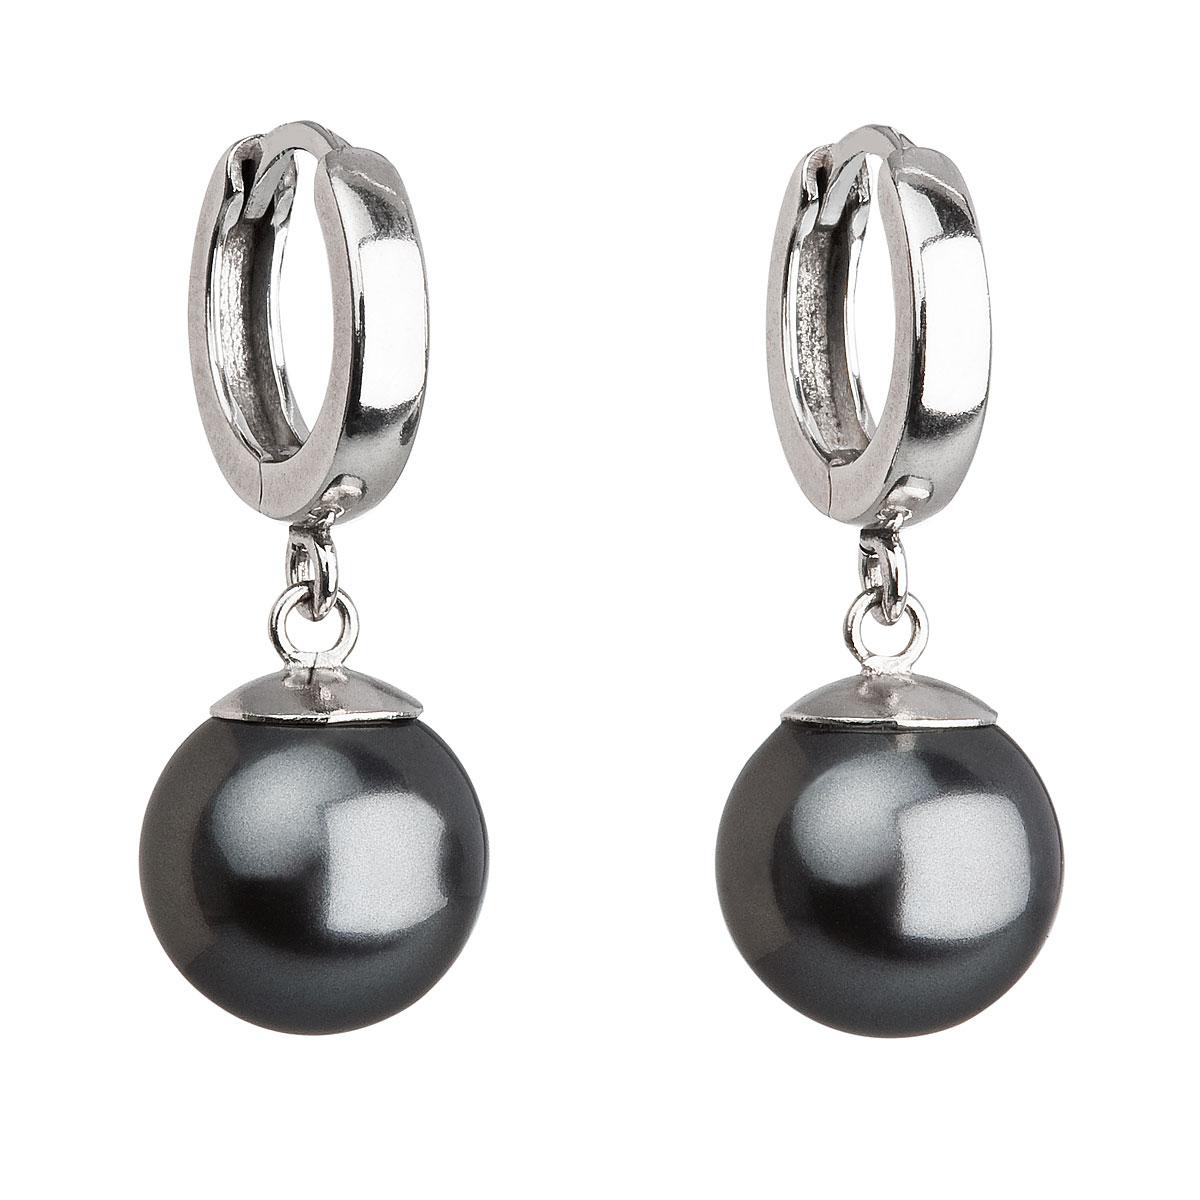 Evolution Group Stříbrné náušnice visací s perlou Swarovski šedé kulaté 31151.3